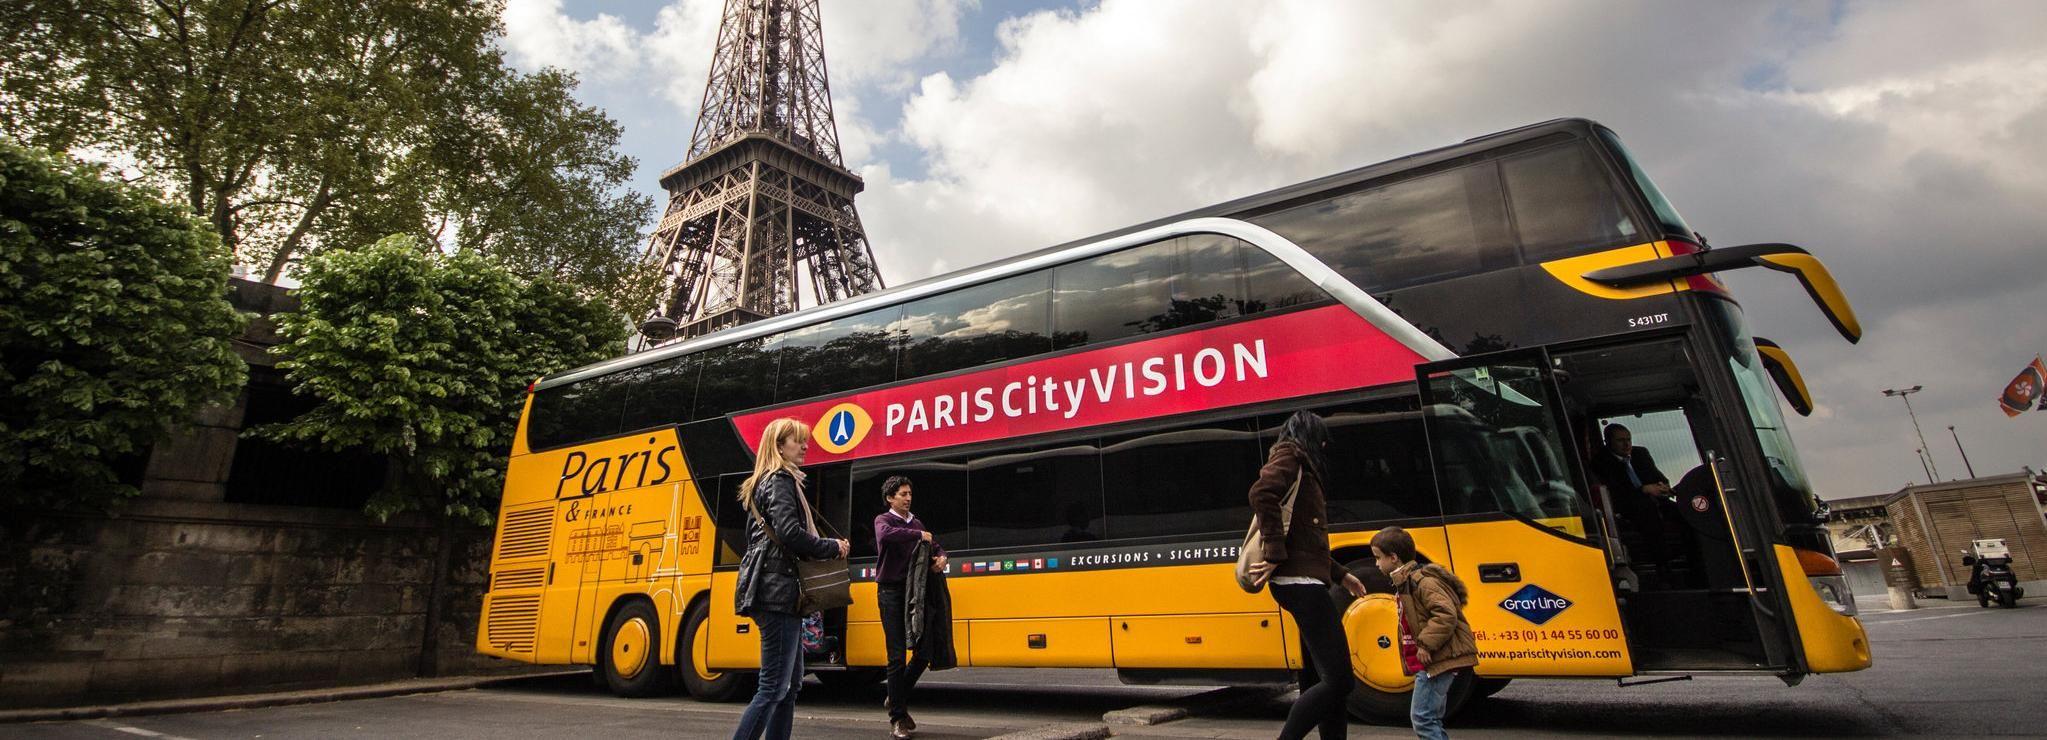 Torre Eiffel: tour en autobús, crucero, almuerzo y audioguía